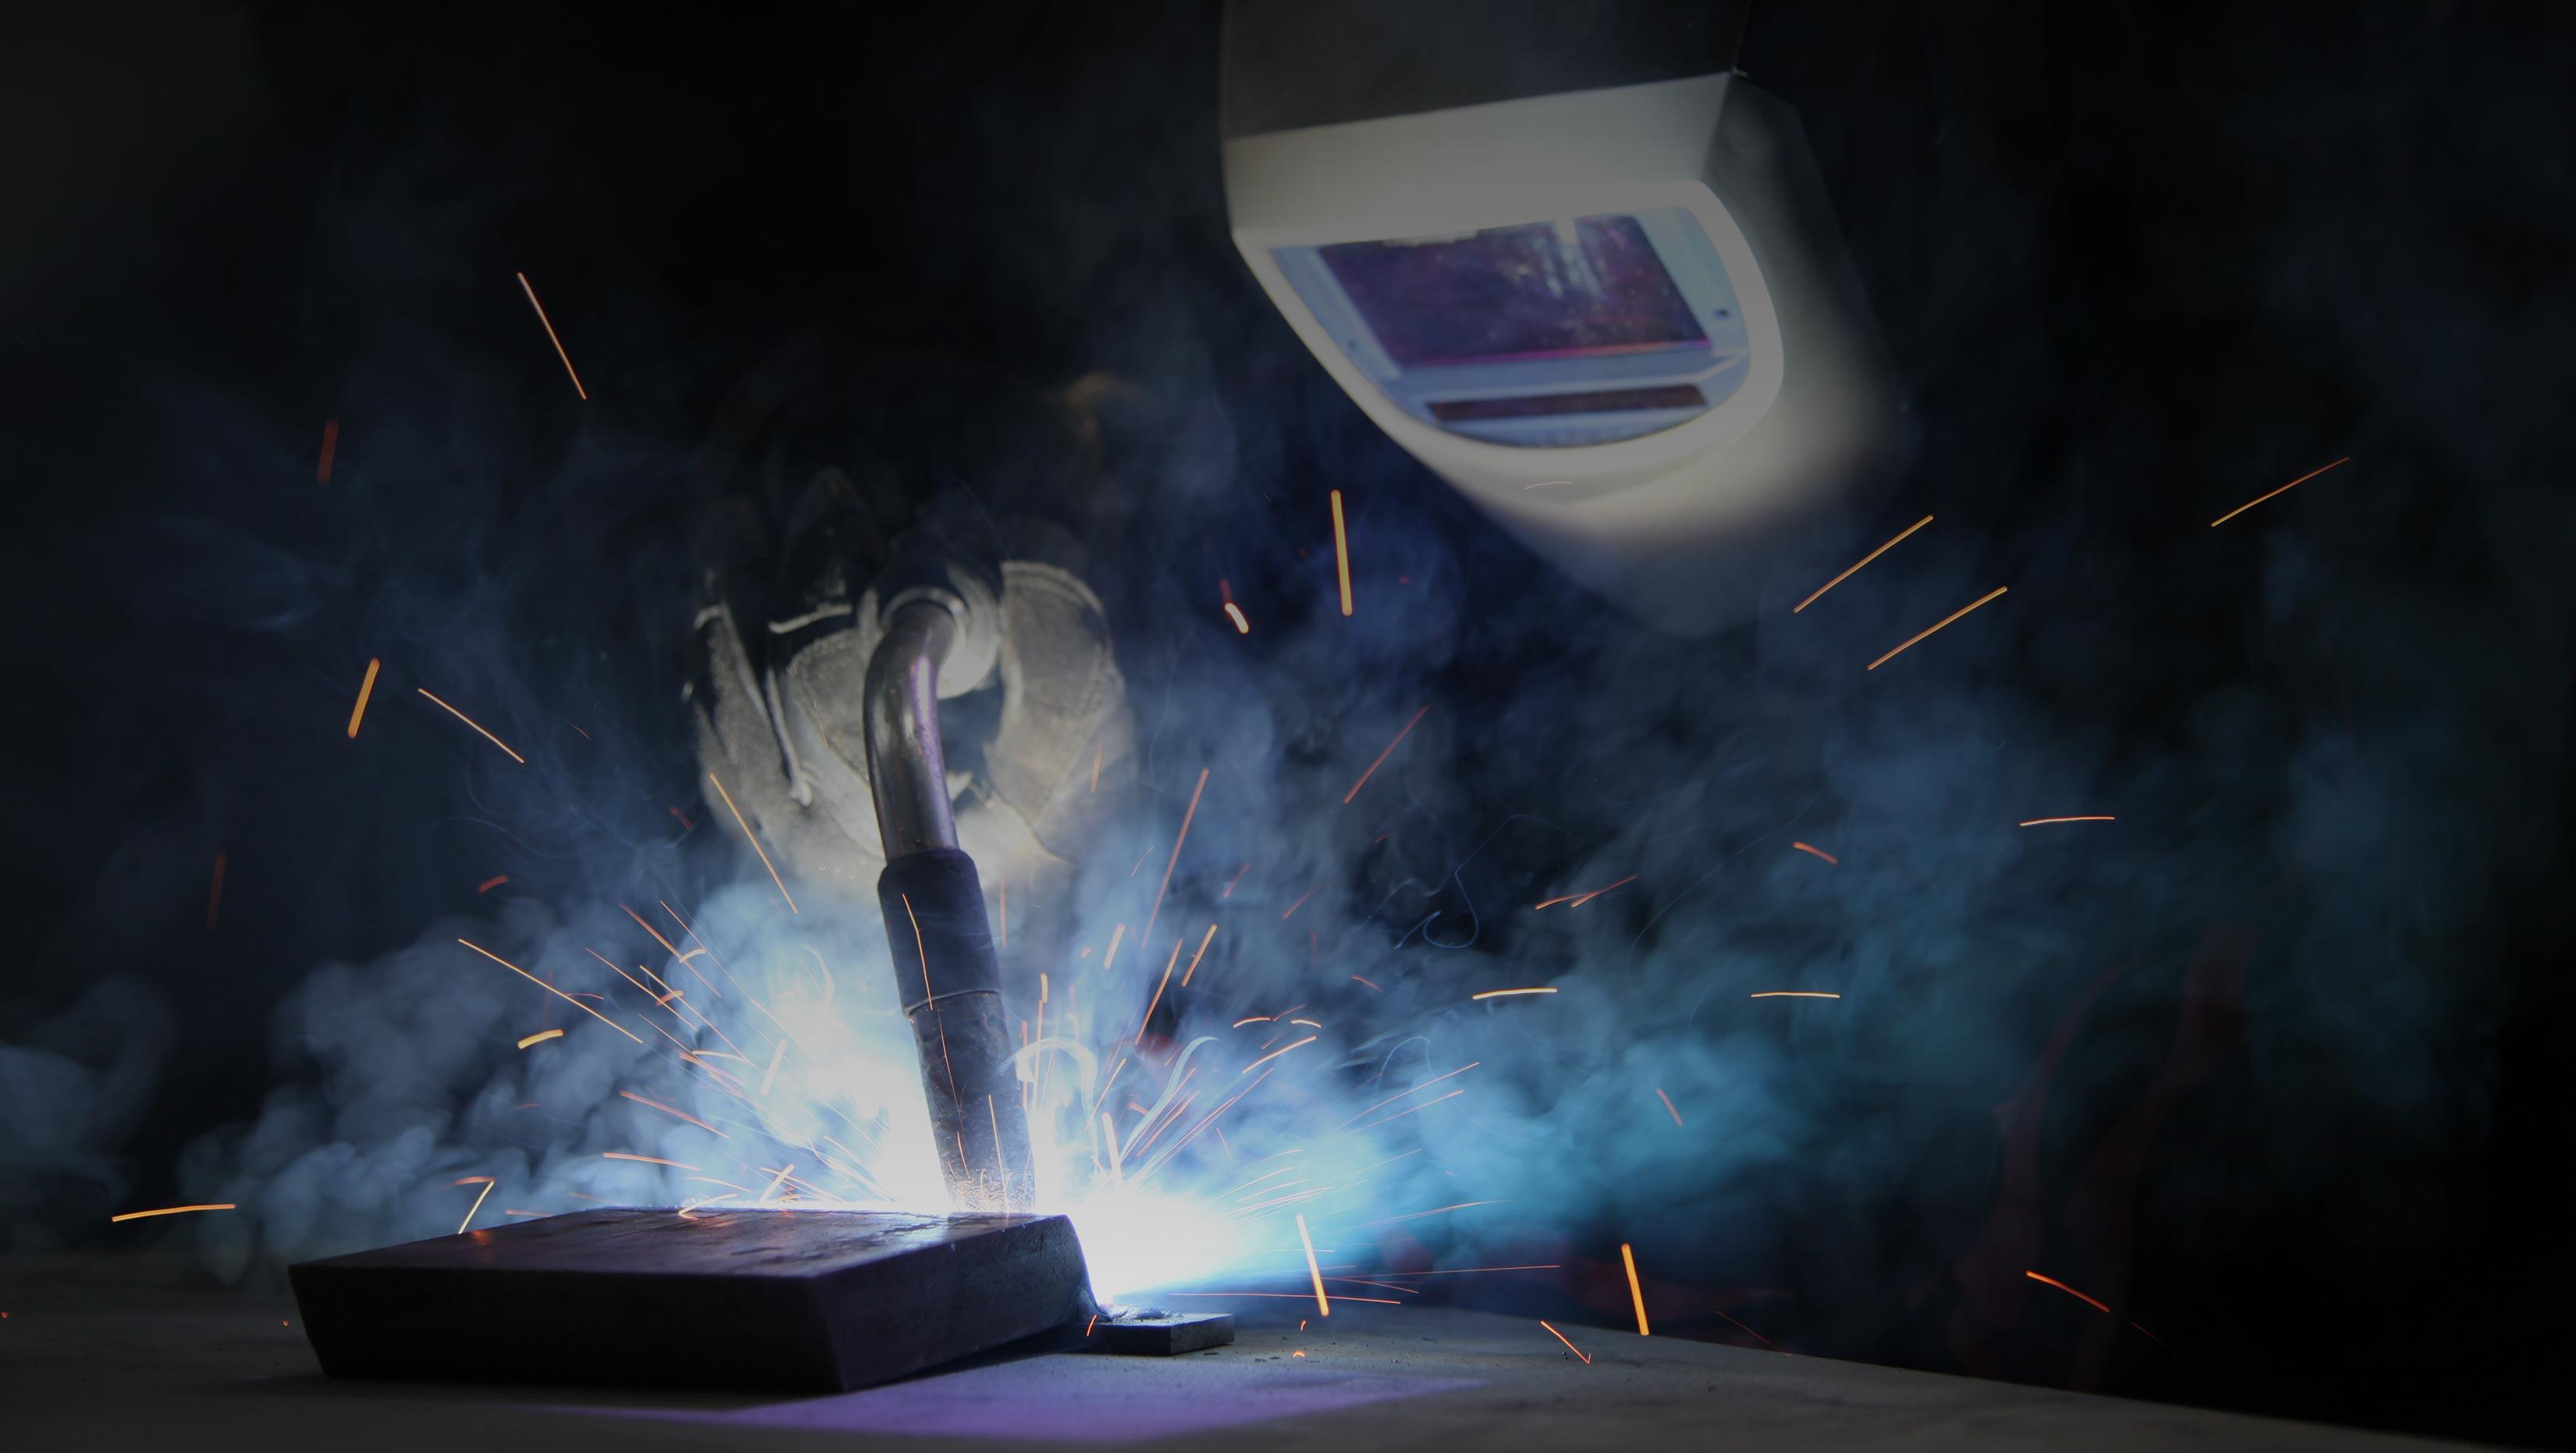 Merrill Institute welding certification in 12 weeks